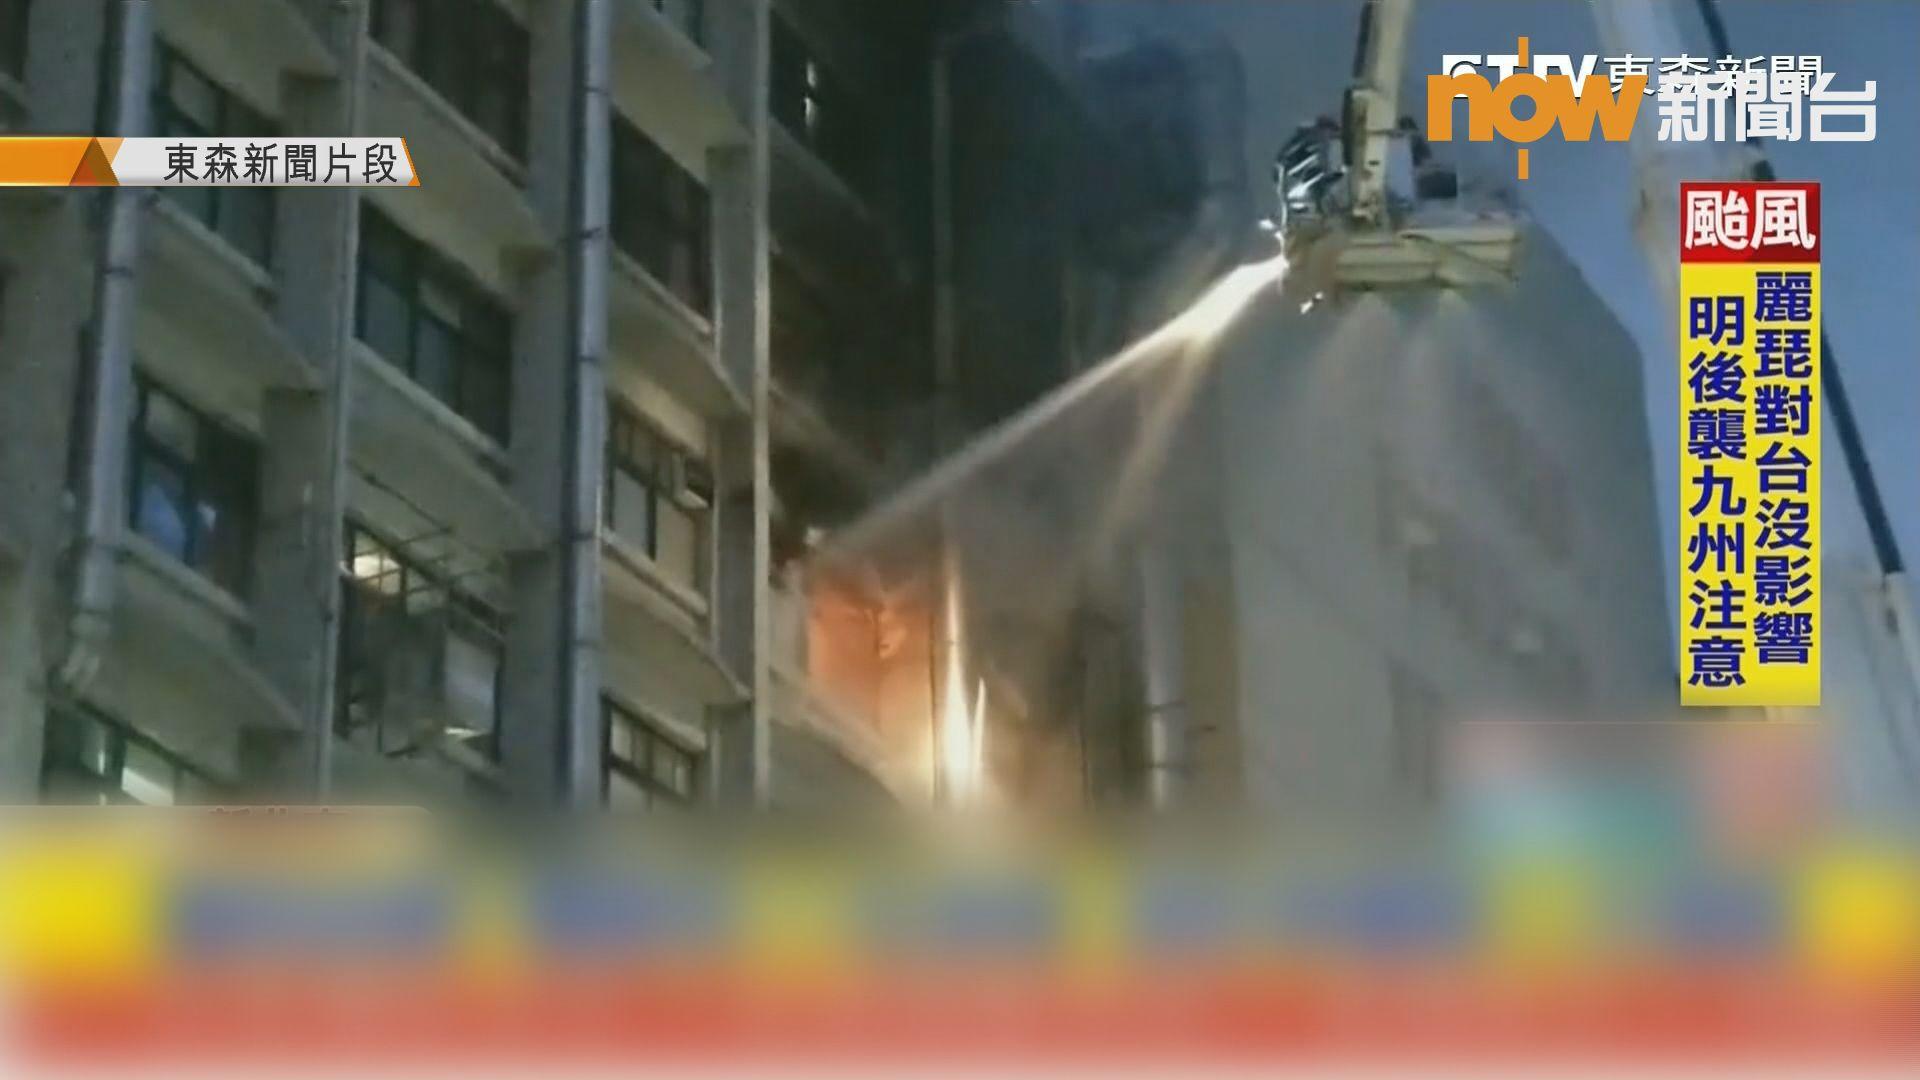 台灣新北市醫院大火23人送院